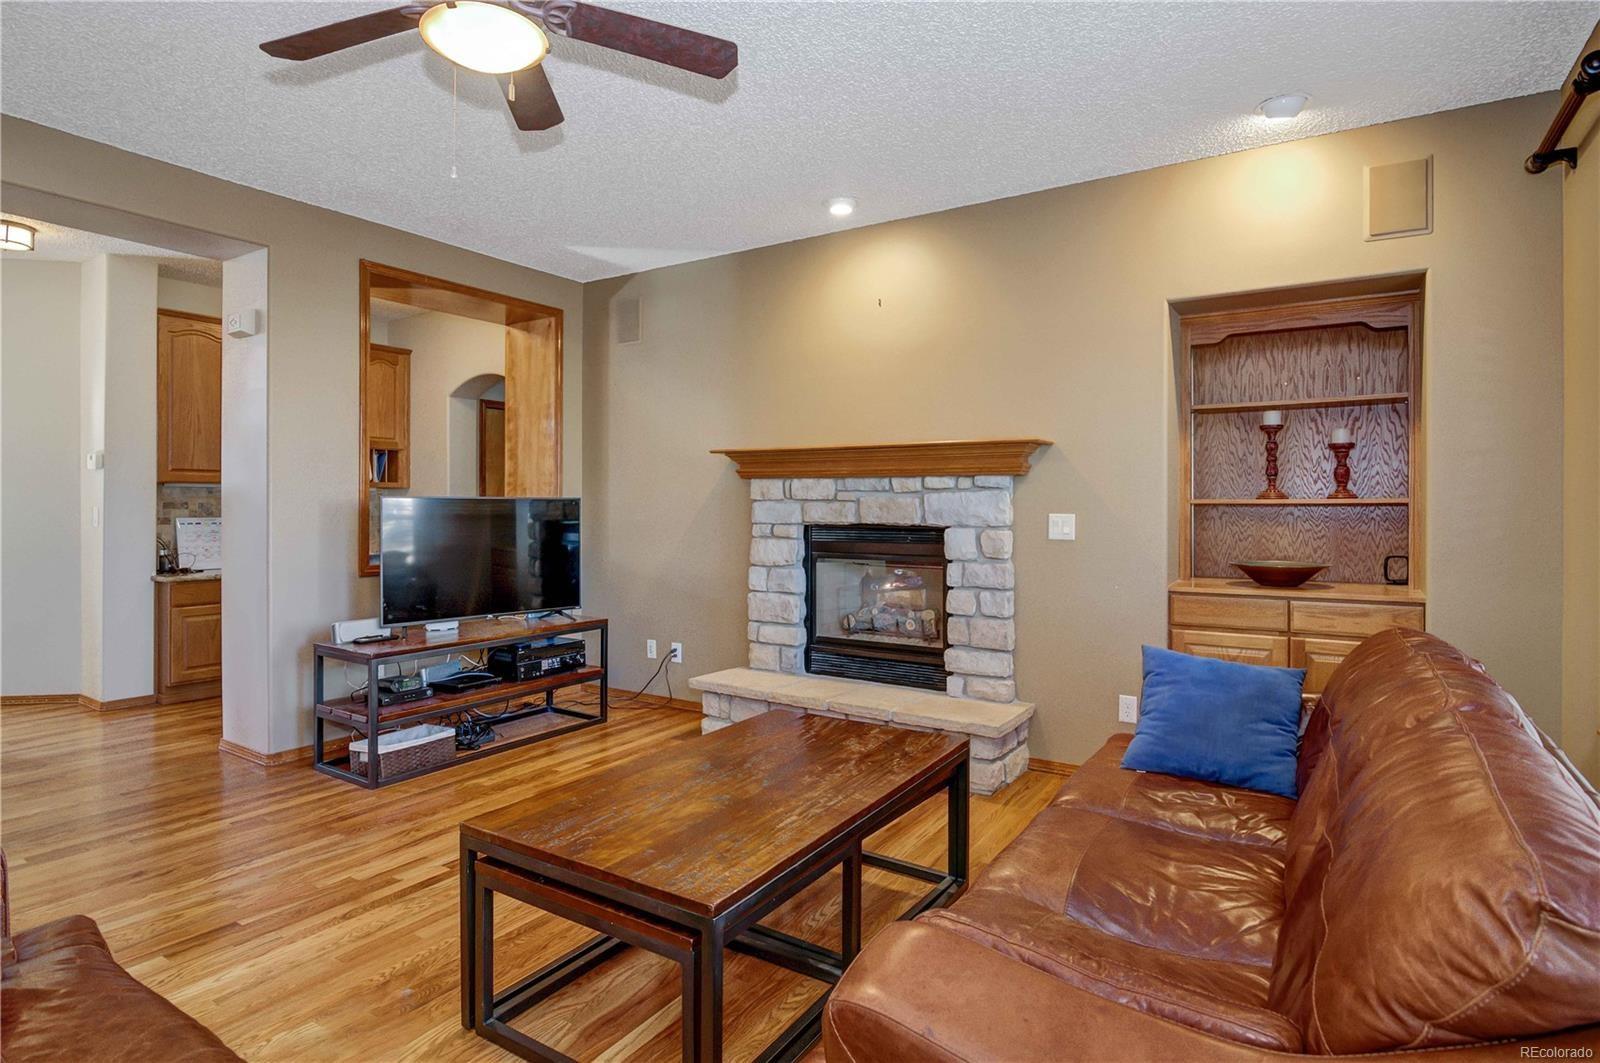 MLS# 5456451 - 9 - 15971 Woodmeadow Court, Colorado Springs, CO 80921